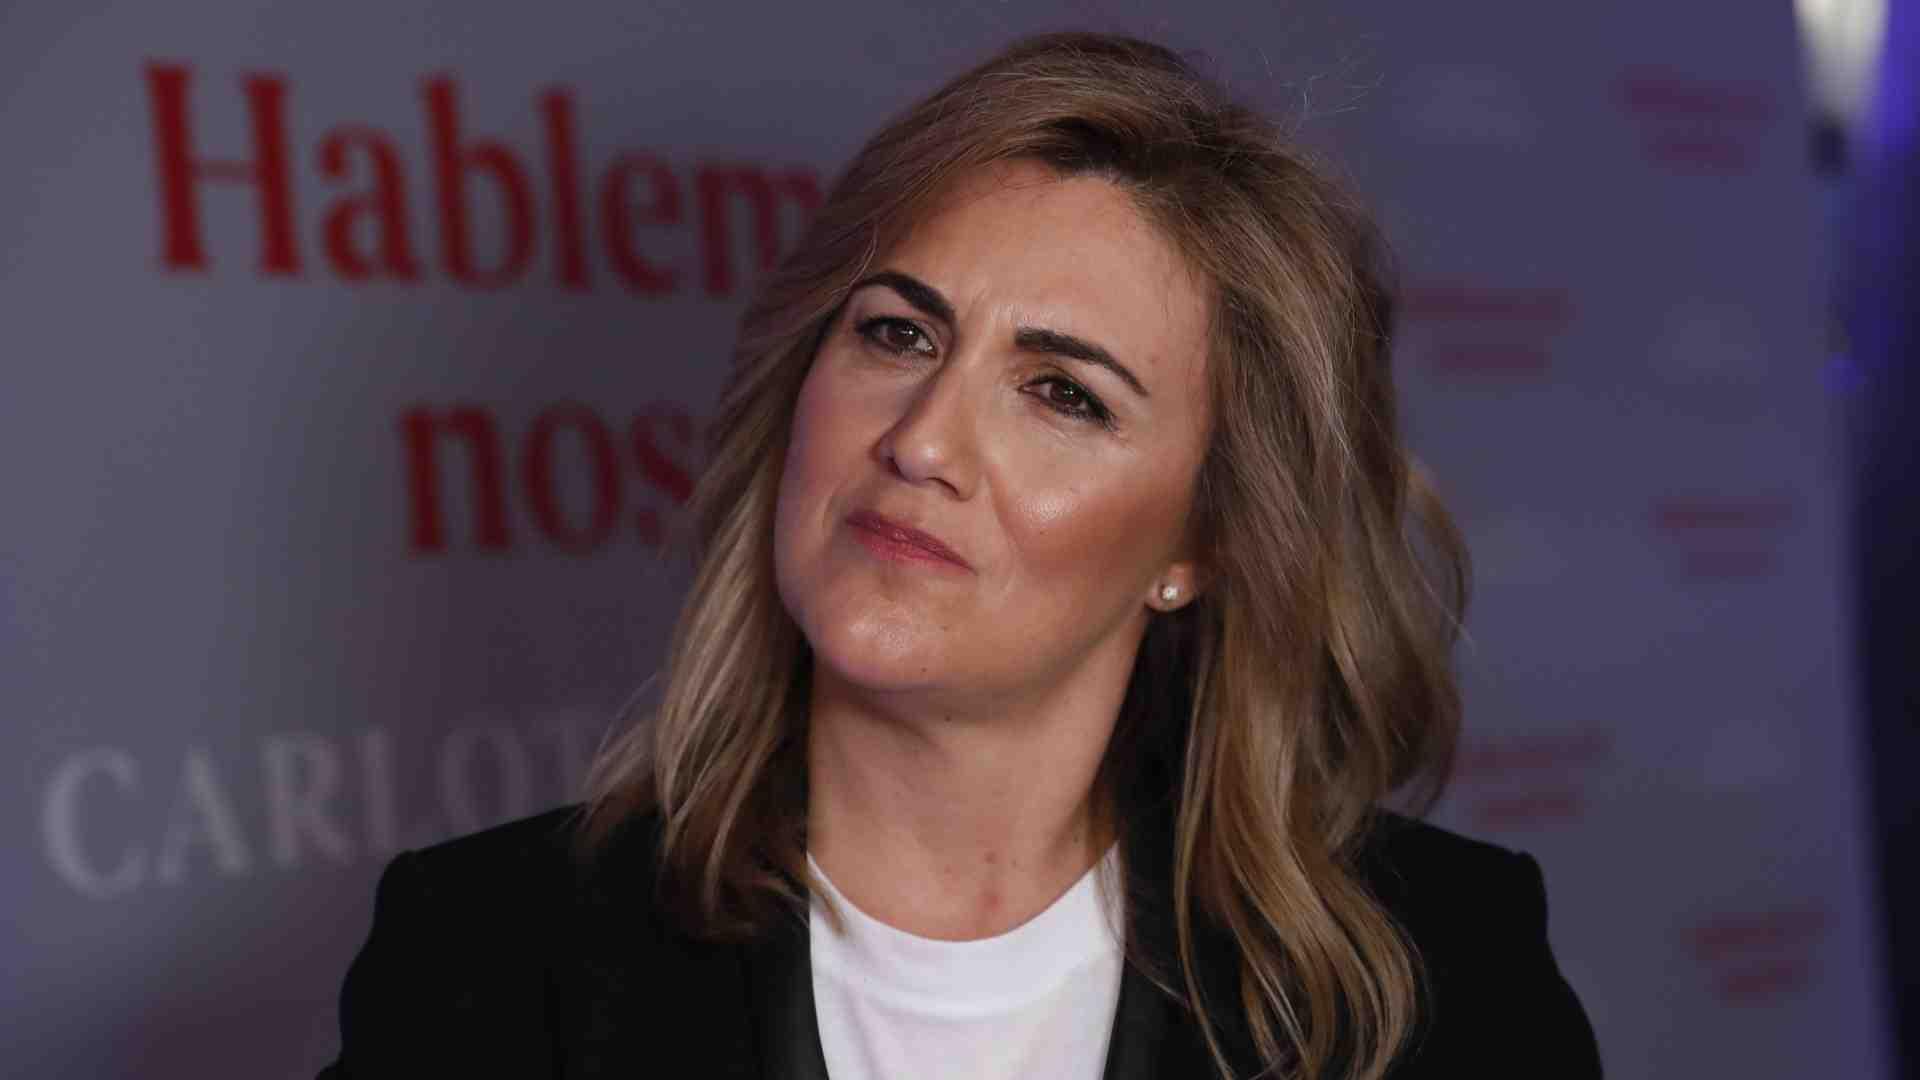 Carlota Corredera durante la presentación de uno de sus libros